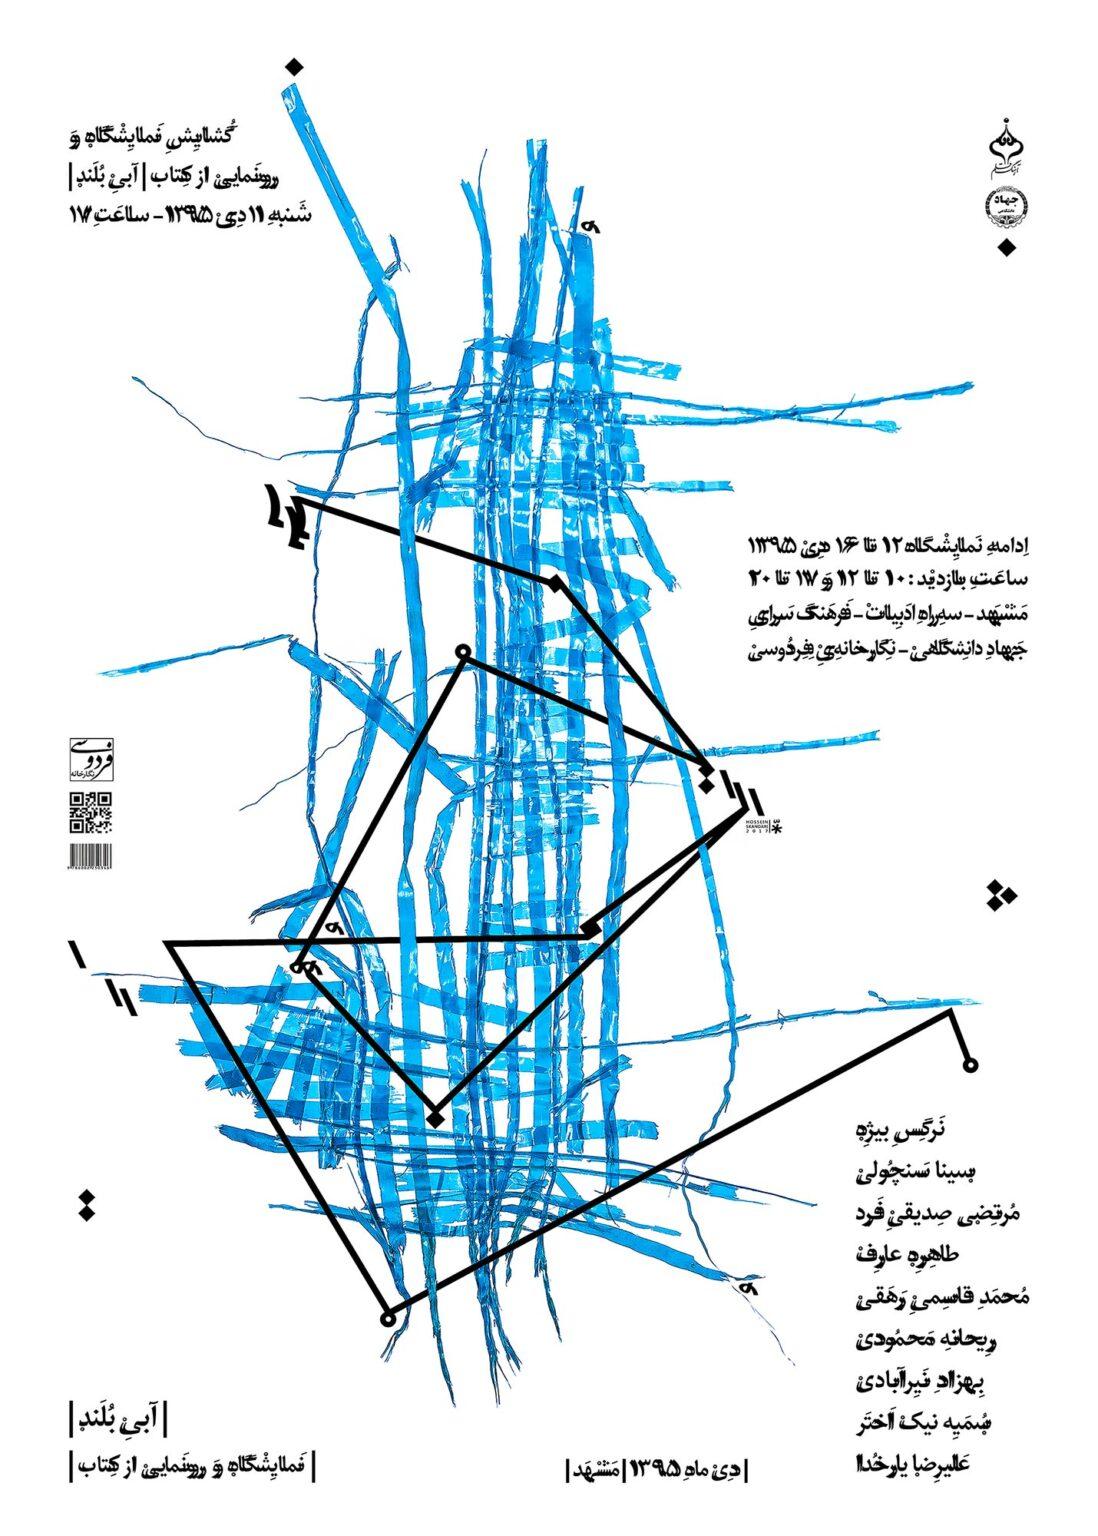 پوستر نمایشگاه و رونمایی از کتاب آبی بلند اثر حسین اسکندری